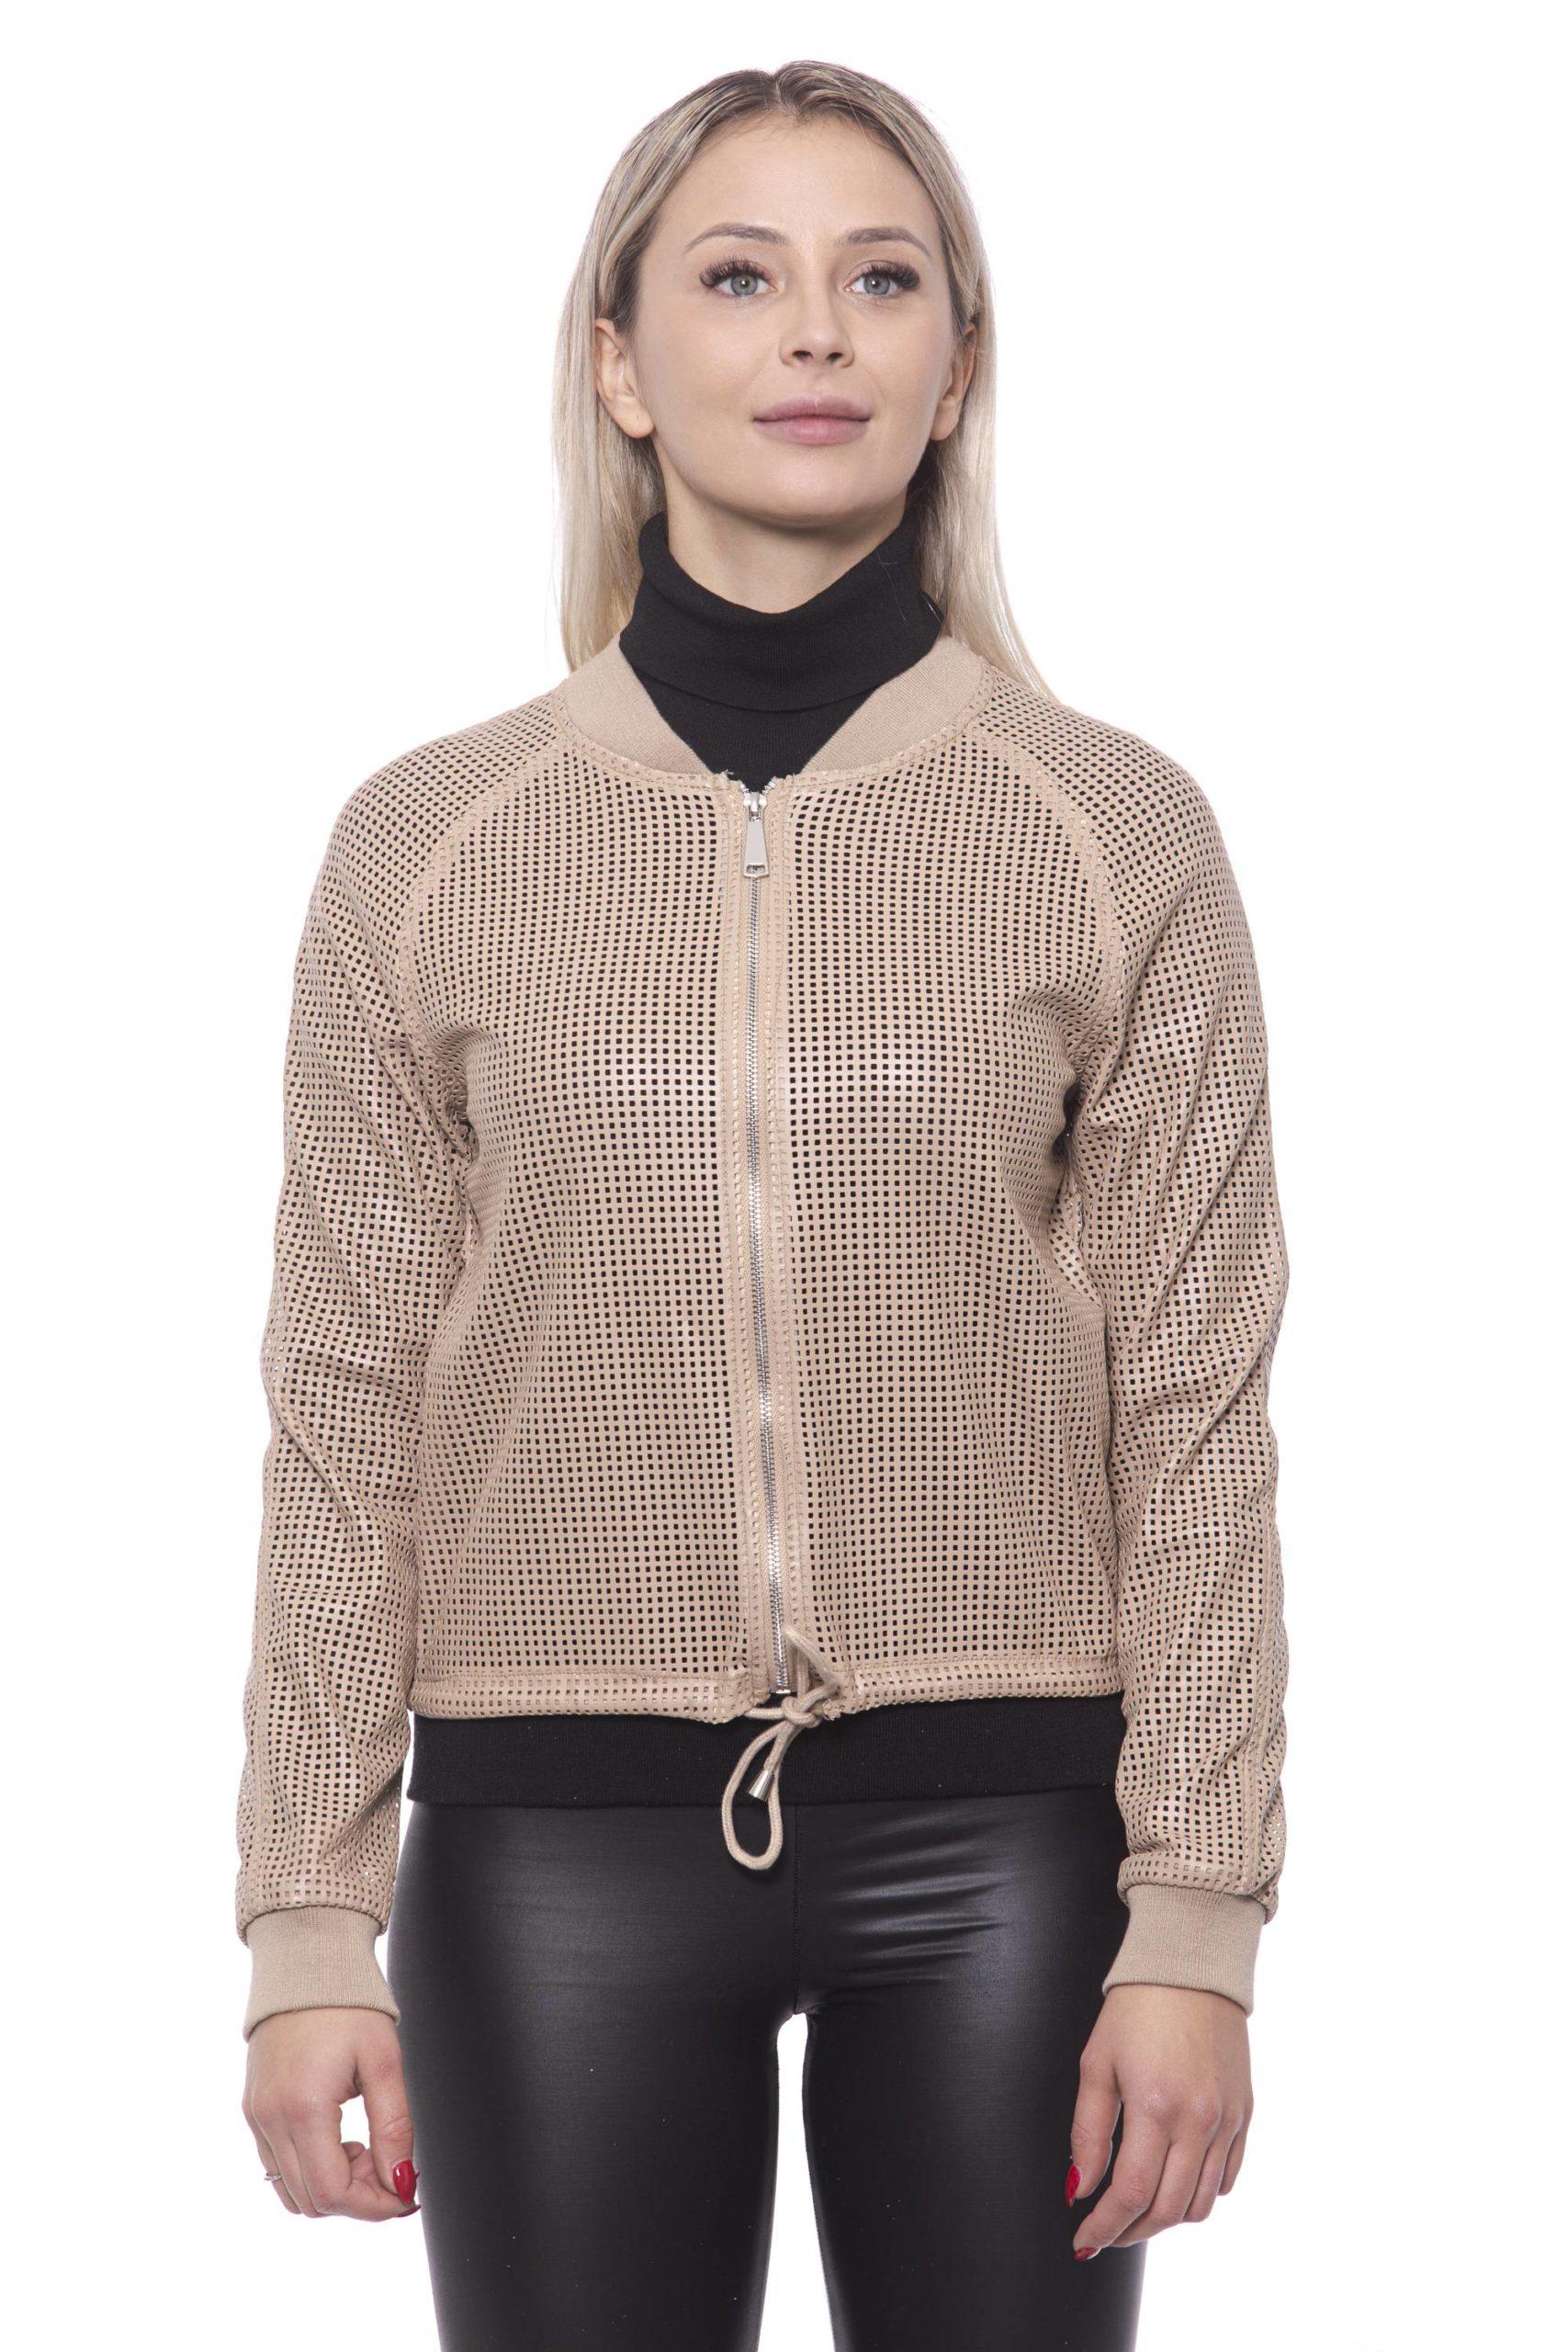 19V69 Italia Women's Jacket Beige 191388373 - IT42   S